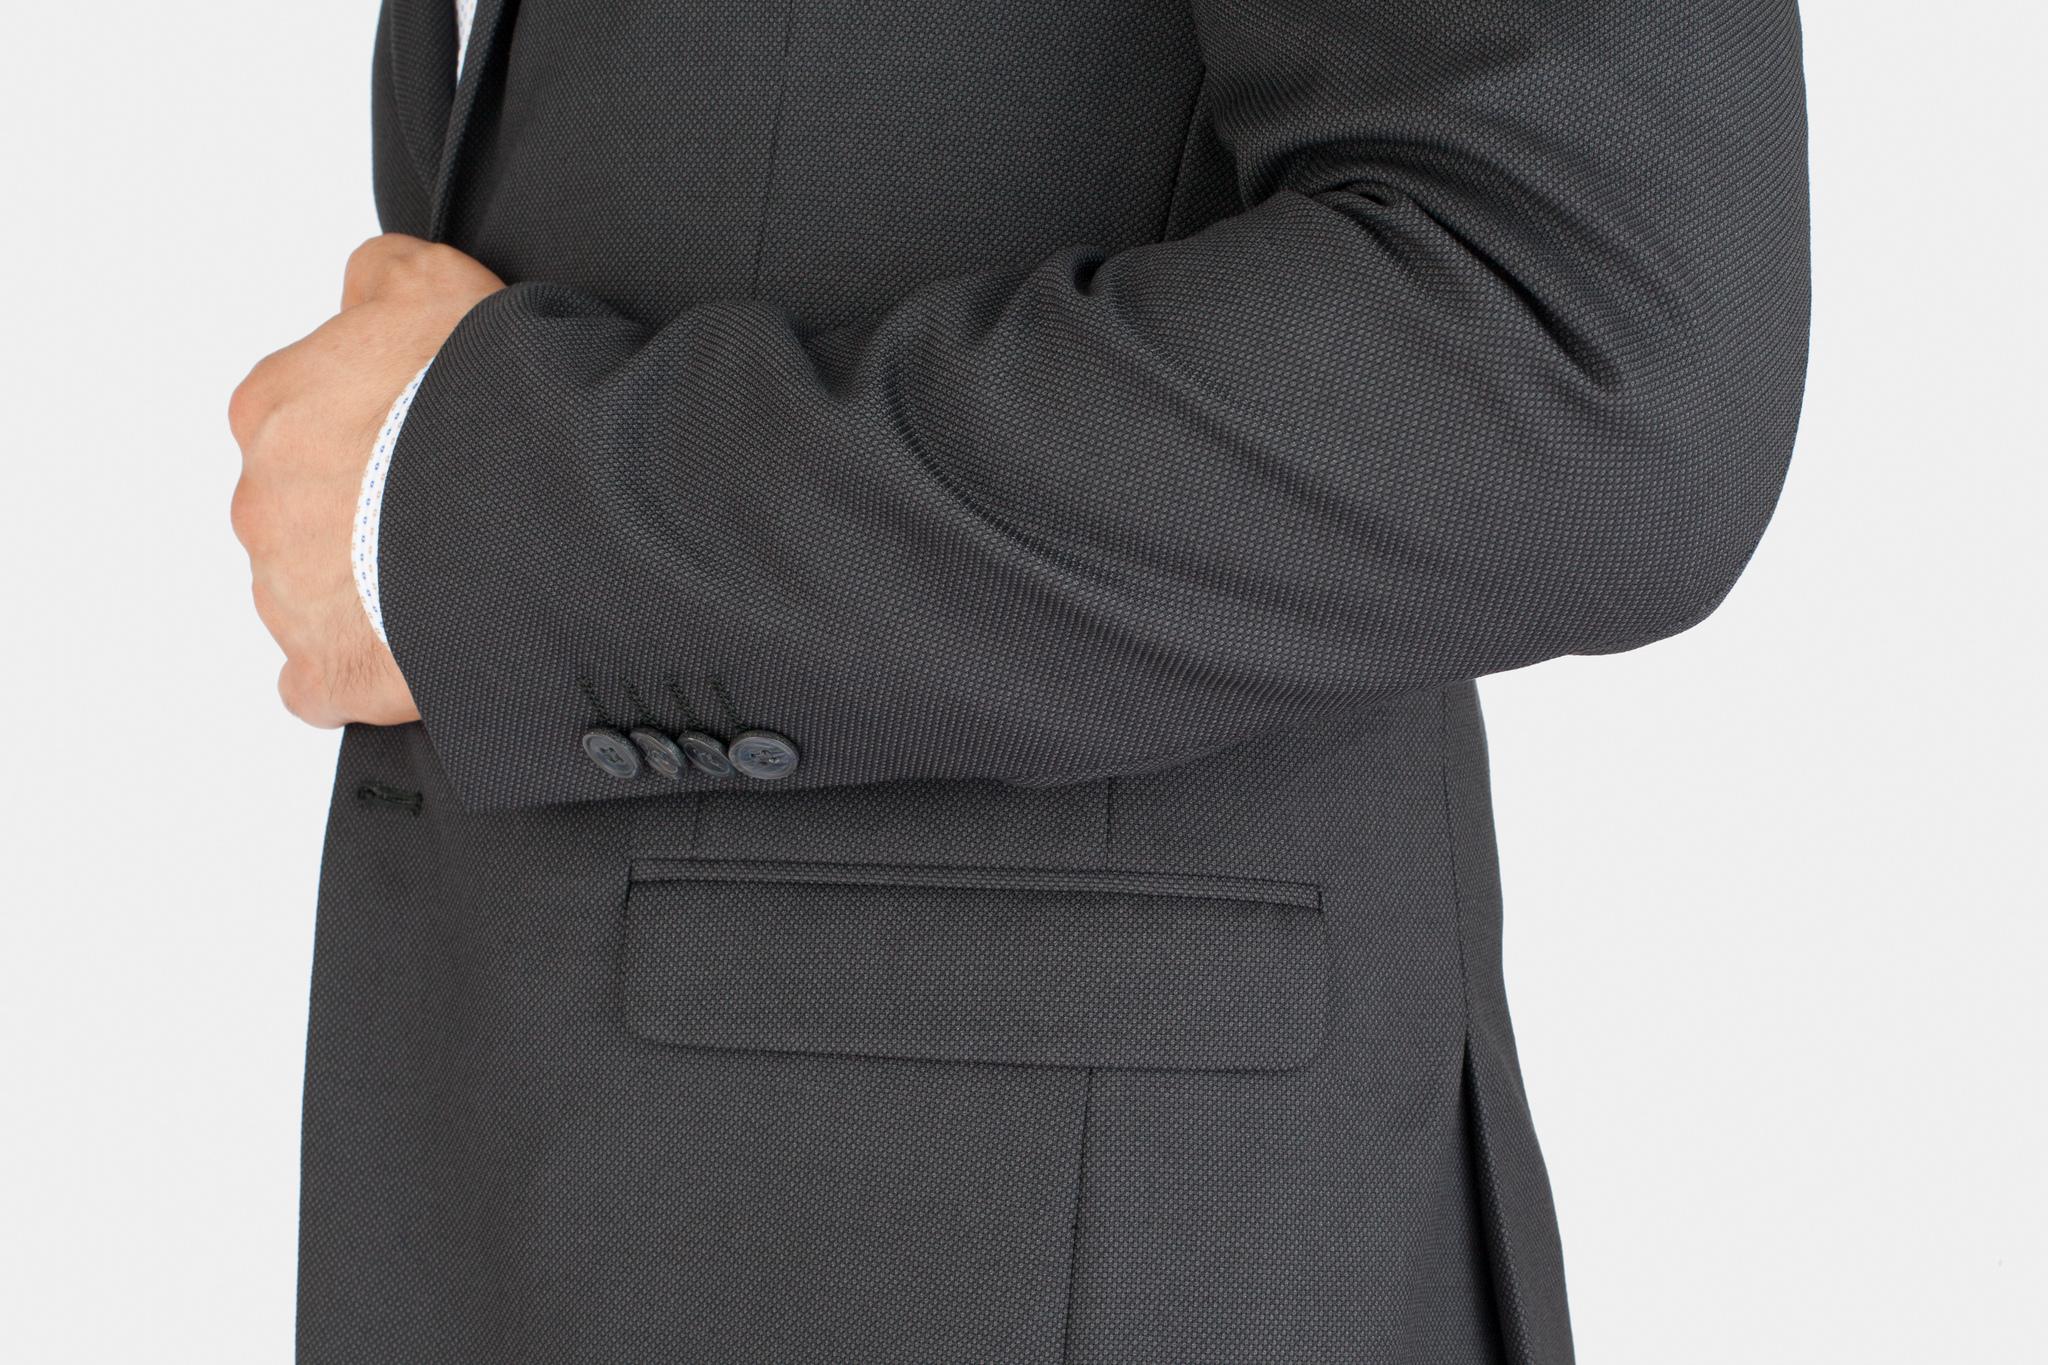 Тёмно-серый шерстяной костюм, накладной карман